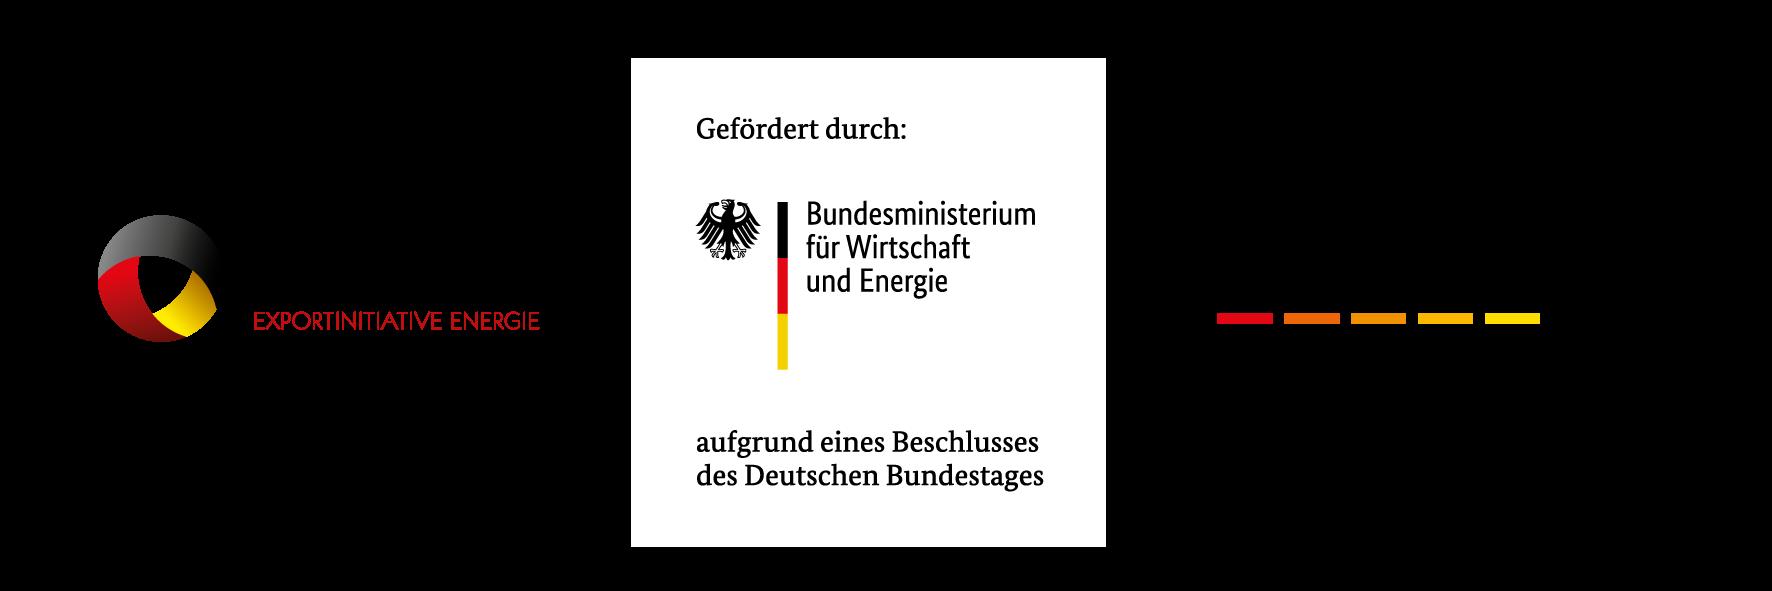 dena-LO-Logoleiste-DE_zum_Einfügen.png